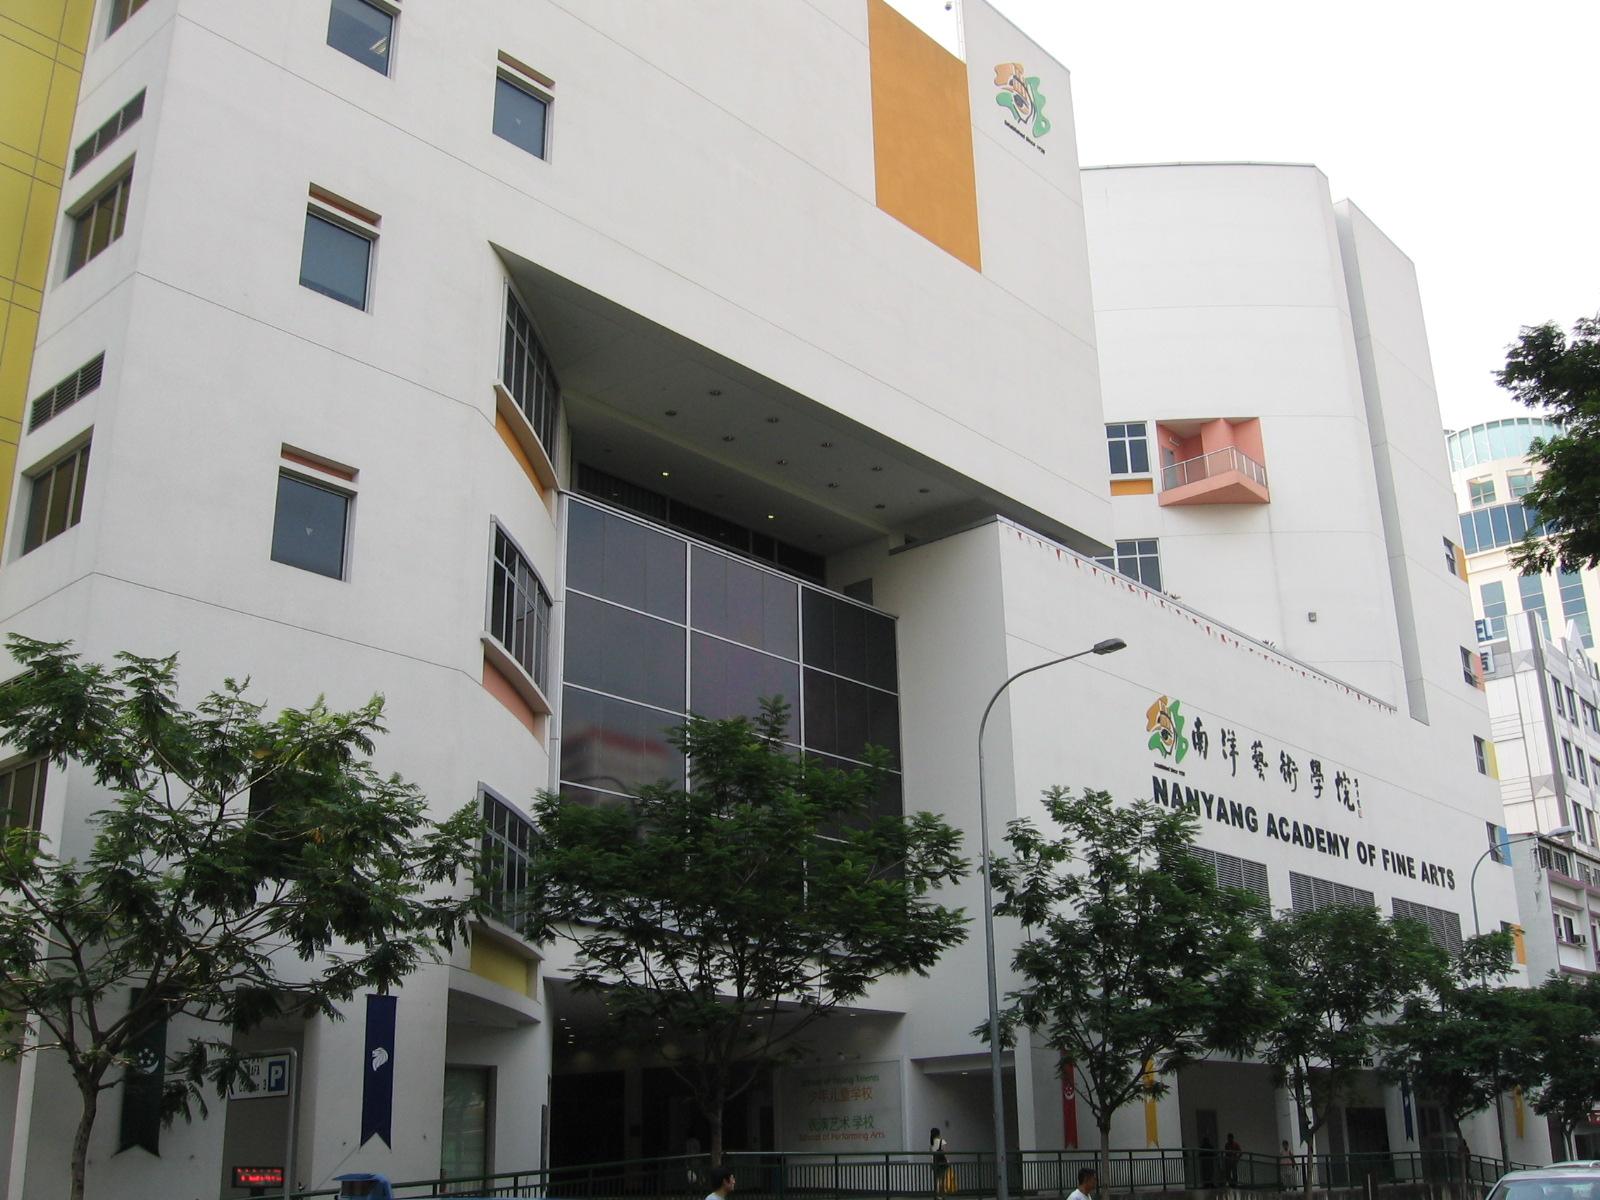 新加坡南洋艺术学院学生数量